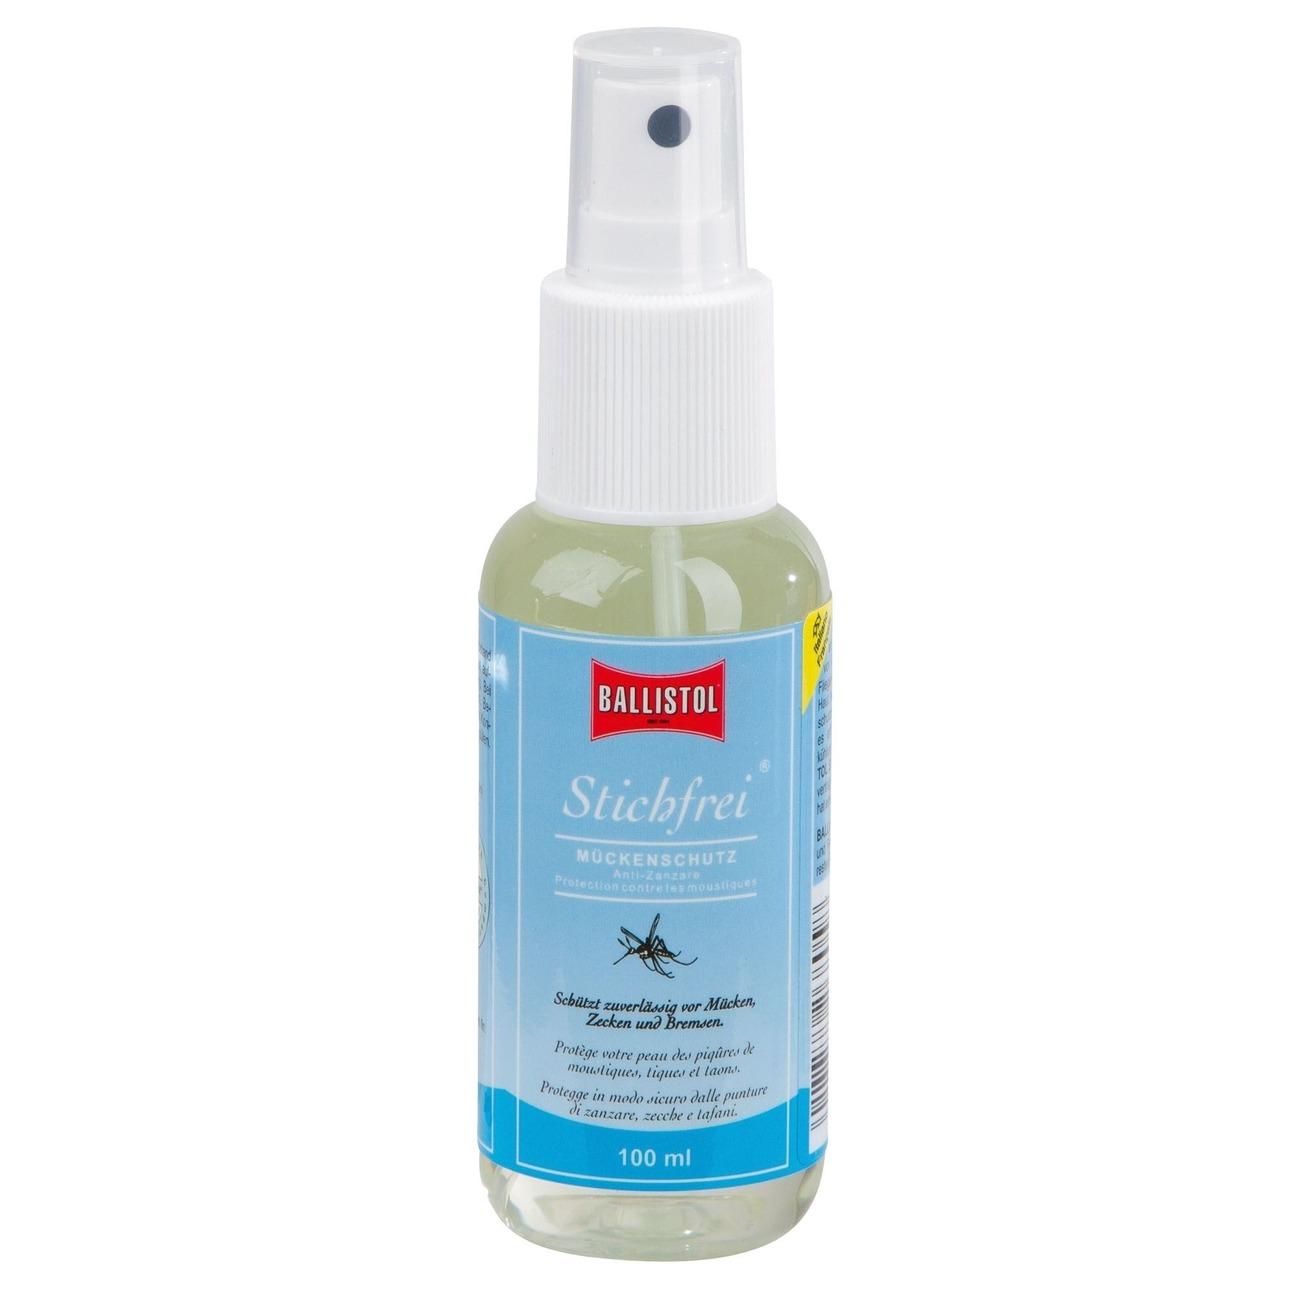 Ballistol Stichfrei Zecken- u. Mückenschutz für den Reiter, 100 ml